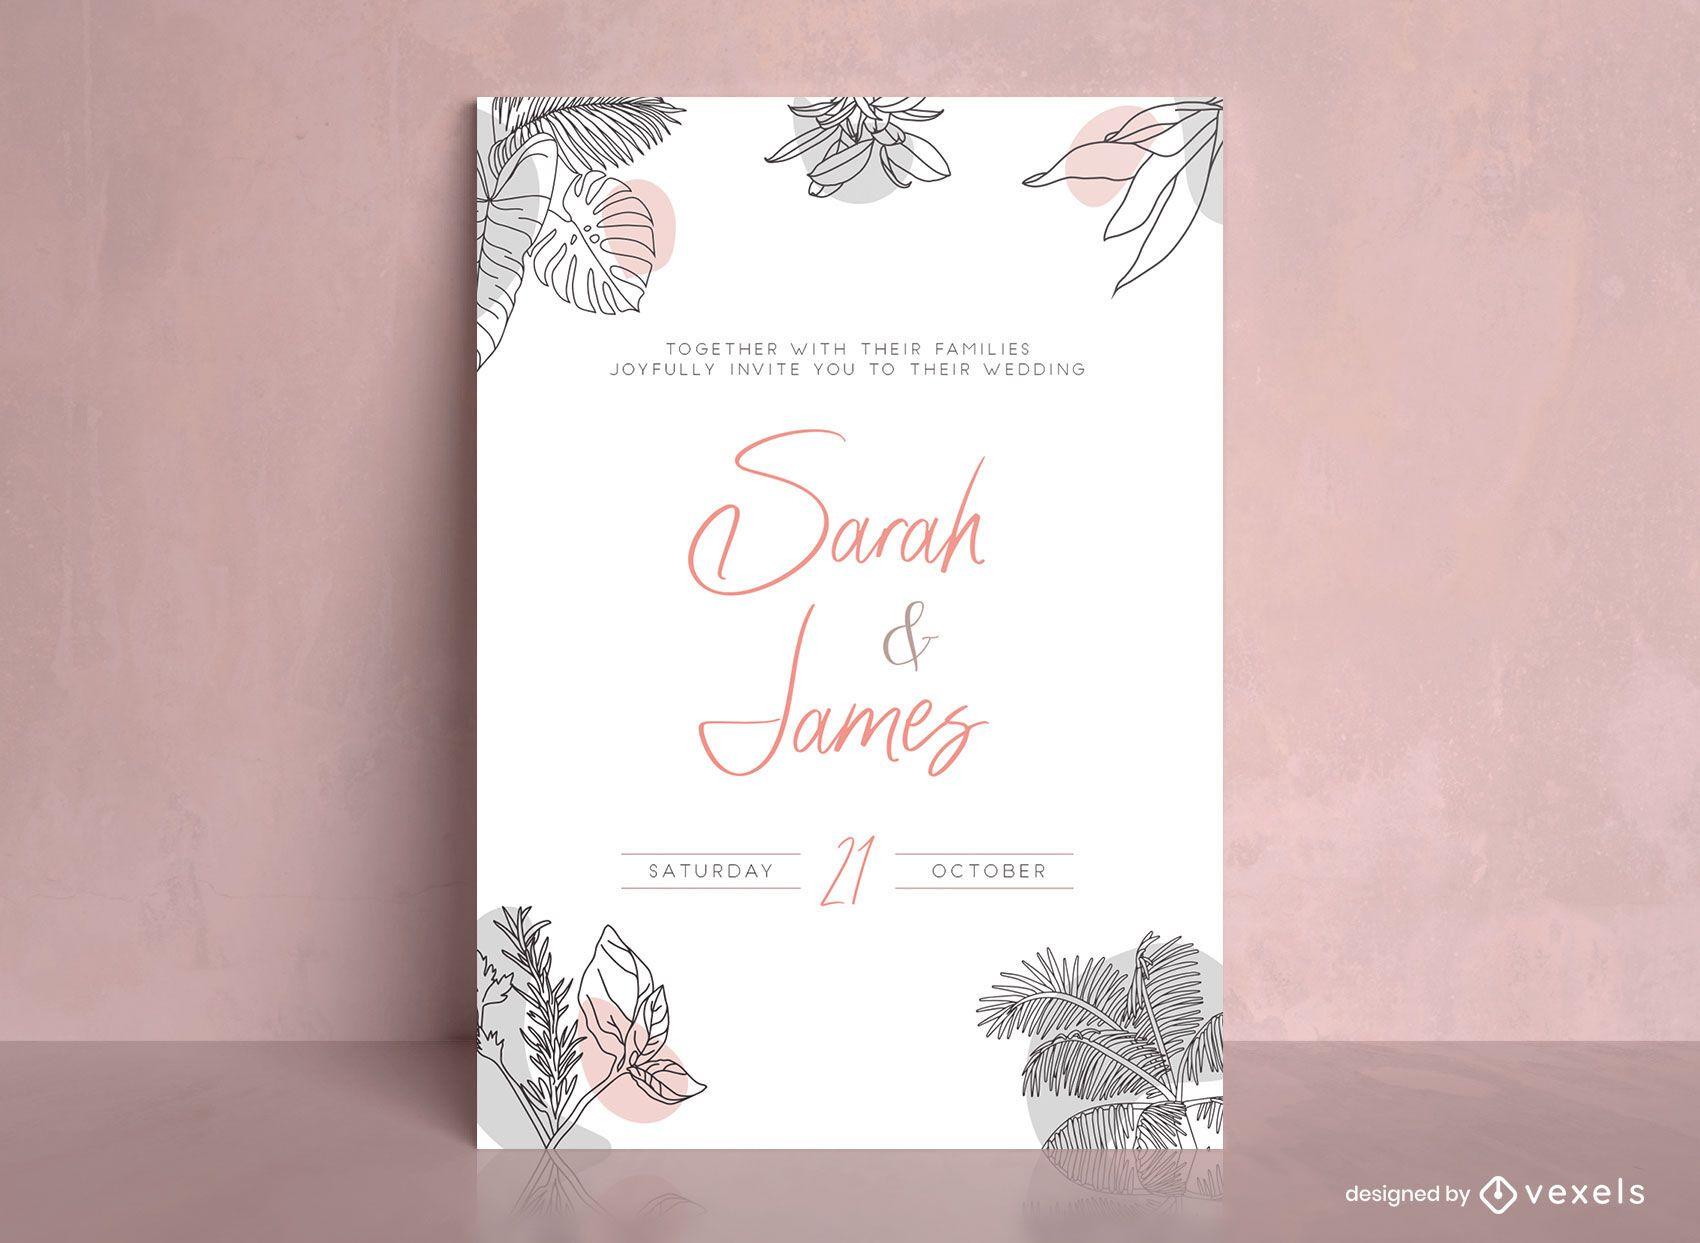 Organische abstrakte Blätter Hochzeitseinladungsschablone